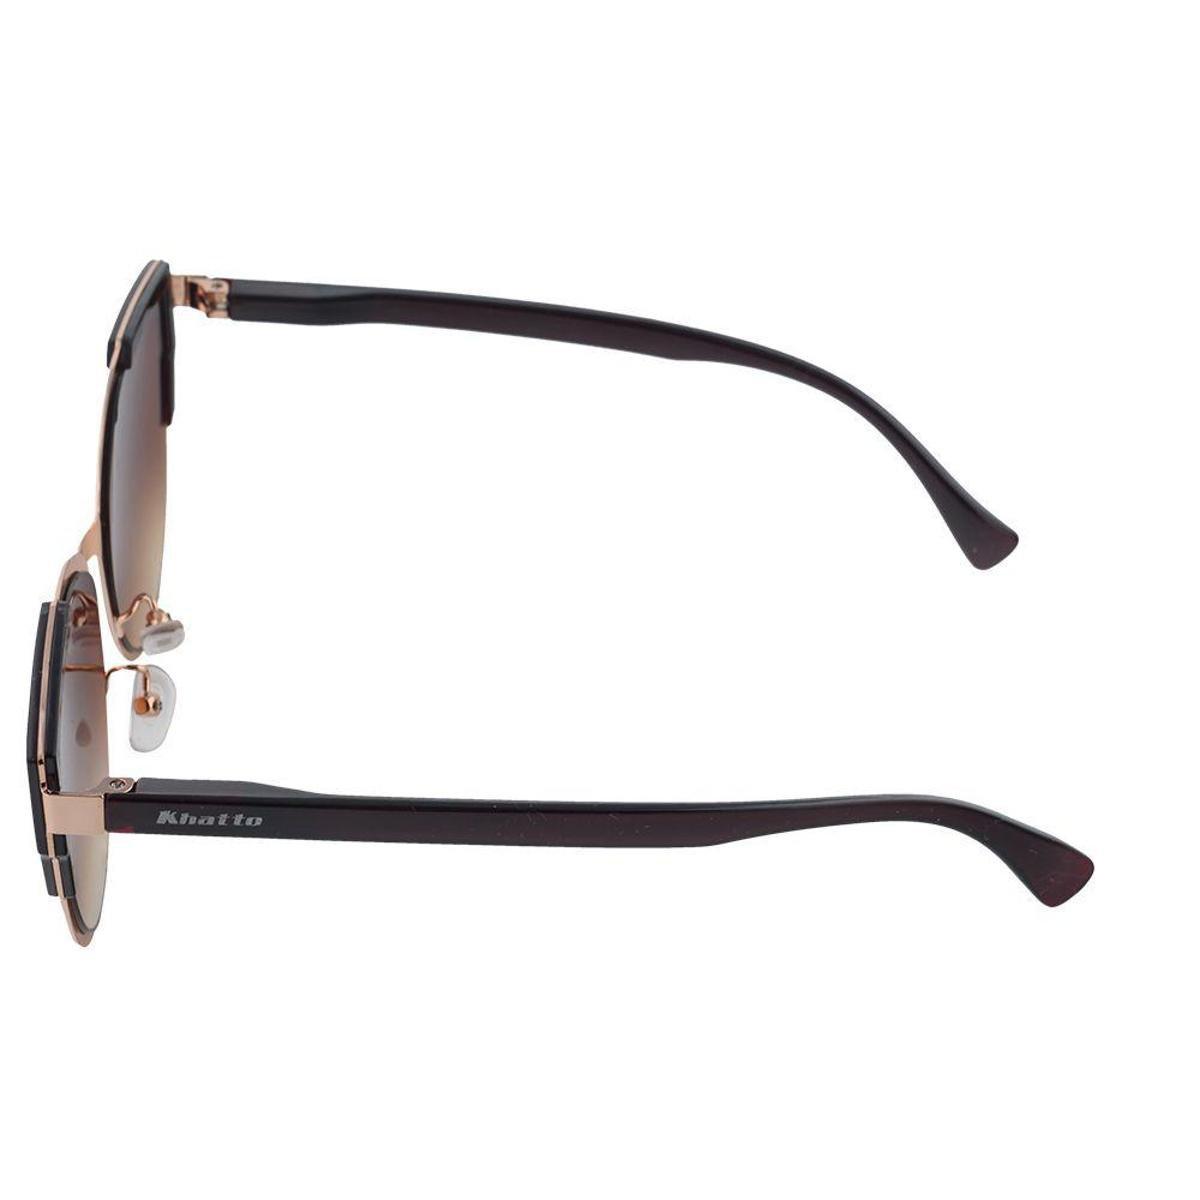 ec229831913c3 Óculos de Sol Khatto Cat Vintage Feminino - Compre Agora   Netshoes